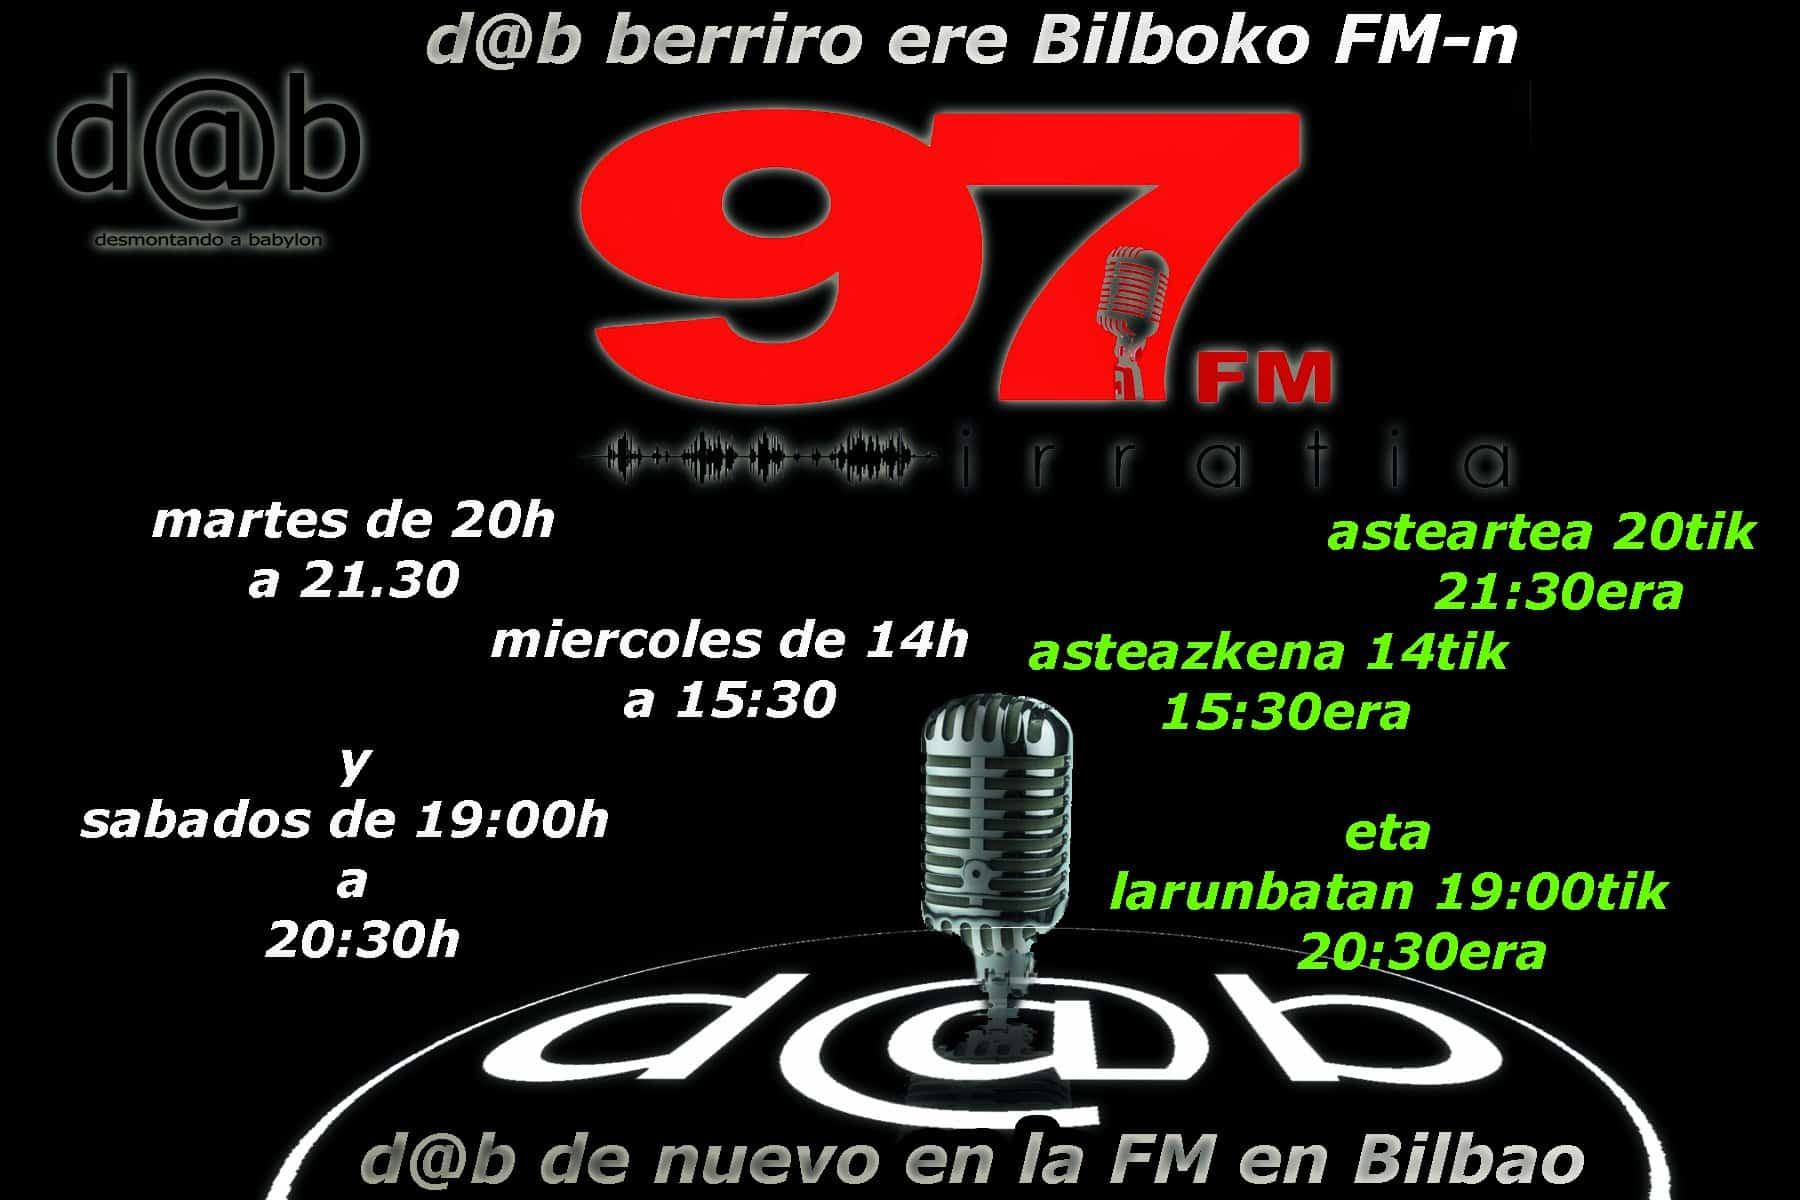 Desmontando a Babylon: d@b radio vuelve a las ondas de Bilbo